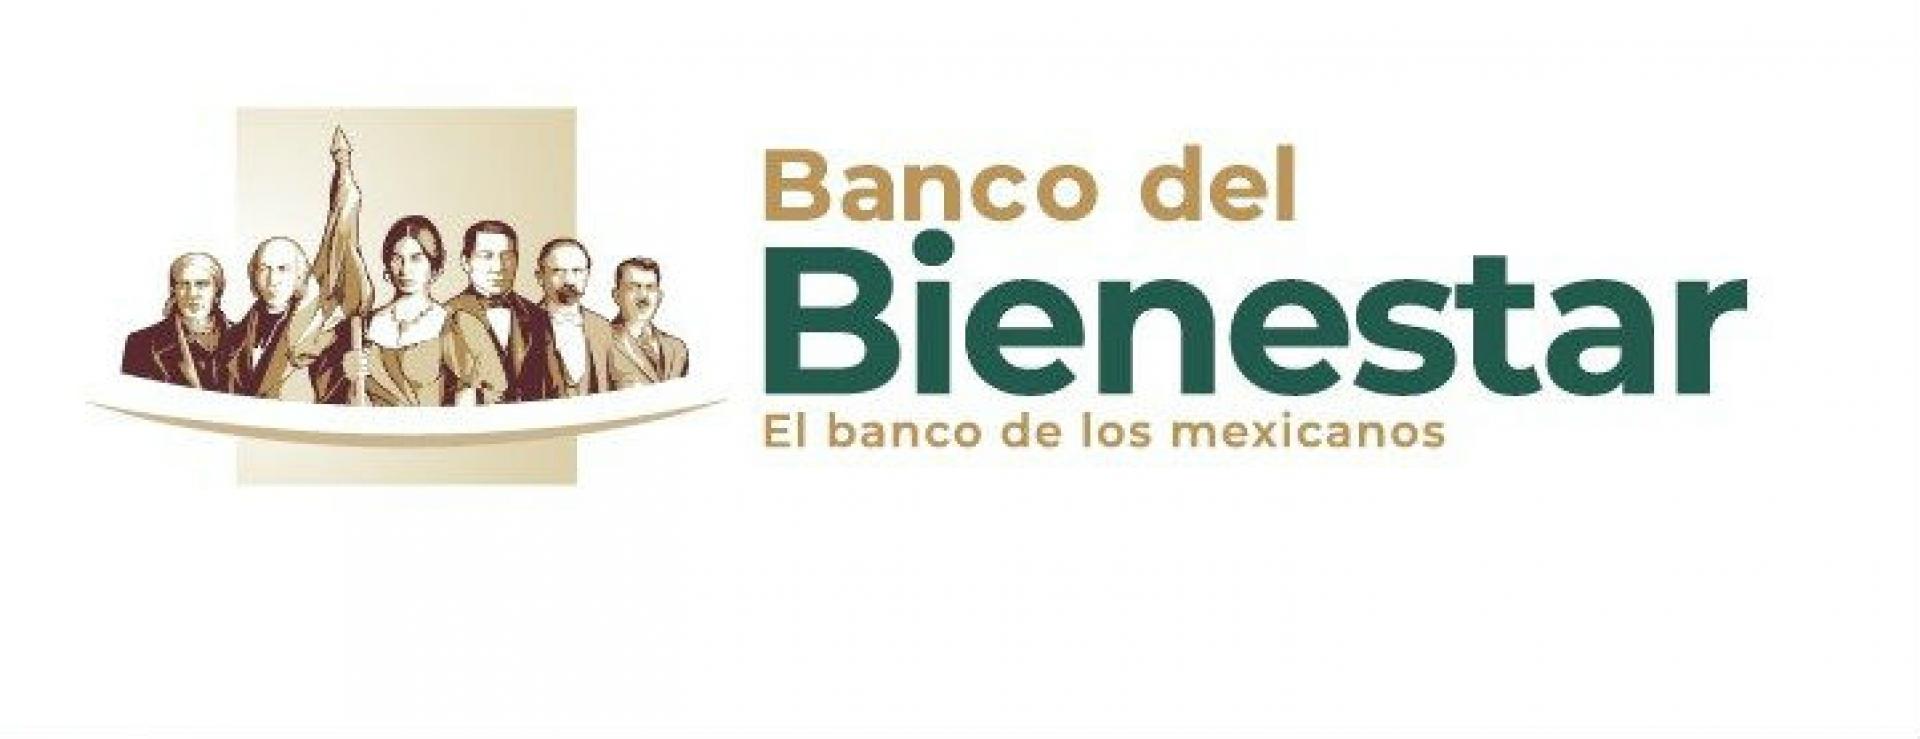 Para abrir una cuenta en el Banco del Bienestar será necesario acudir a una de las sucursales en el país. Puedes ubicar la sucursal más cercana dando clic aquí.